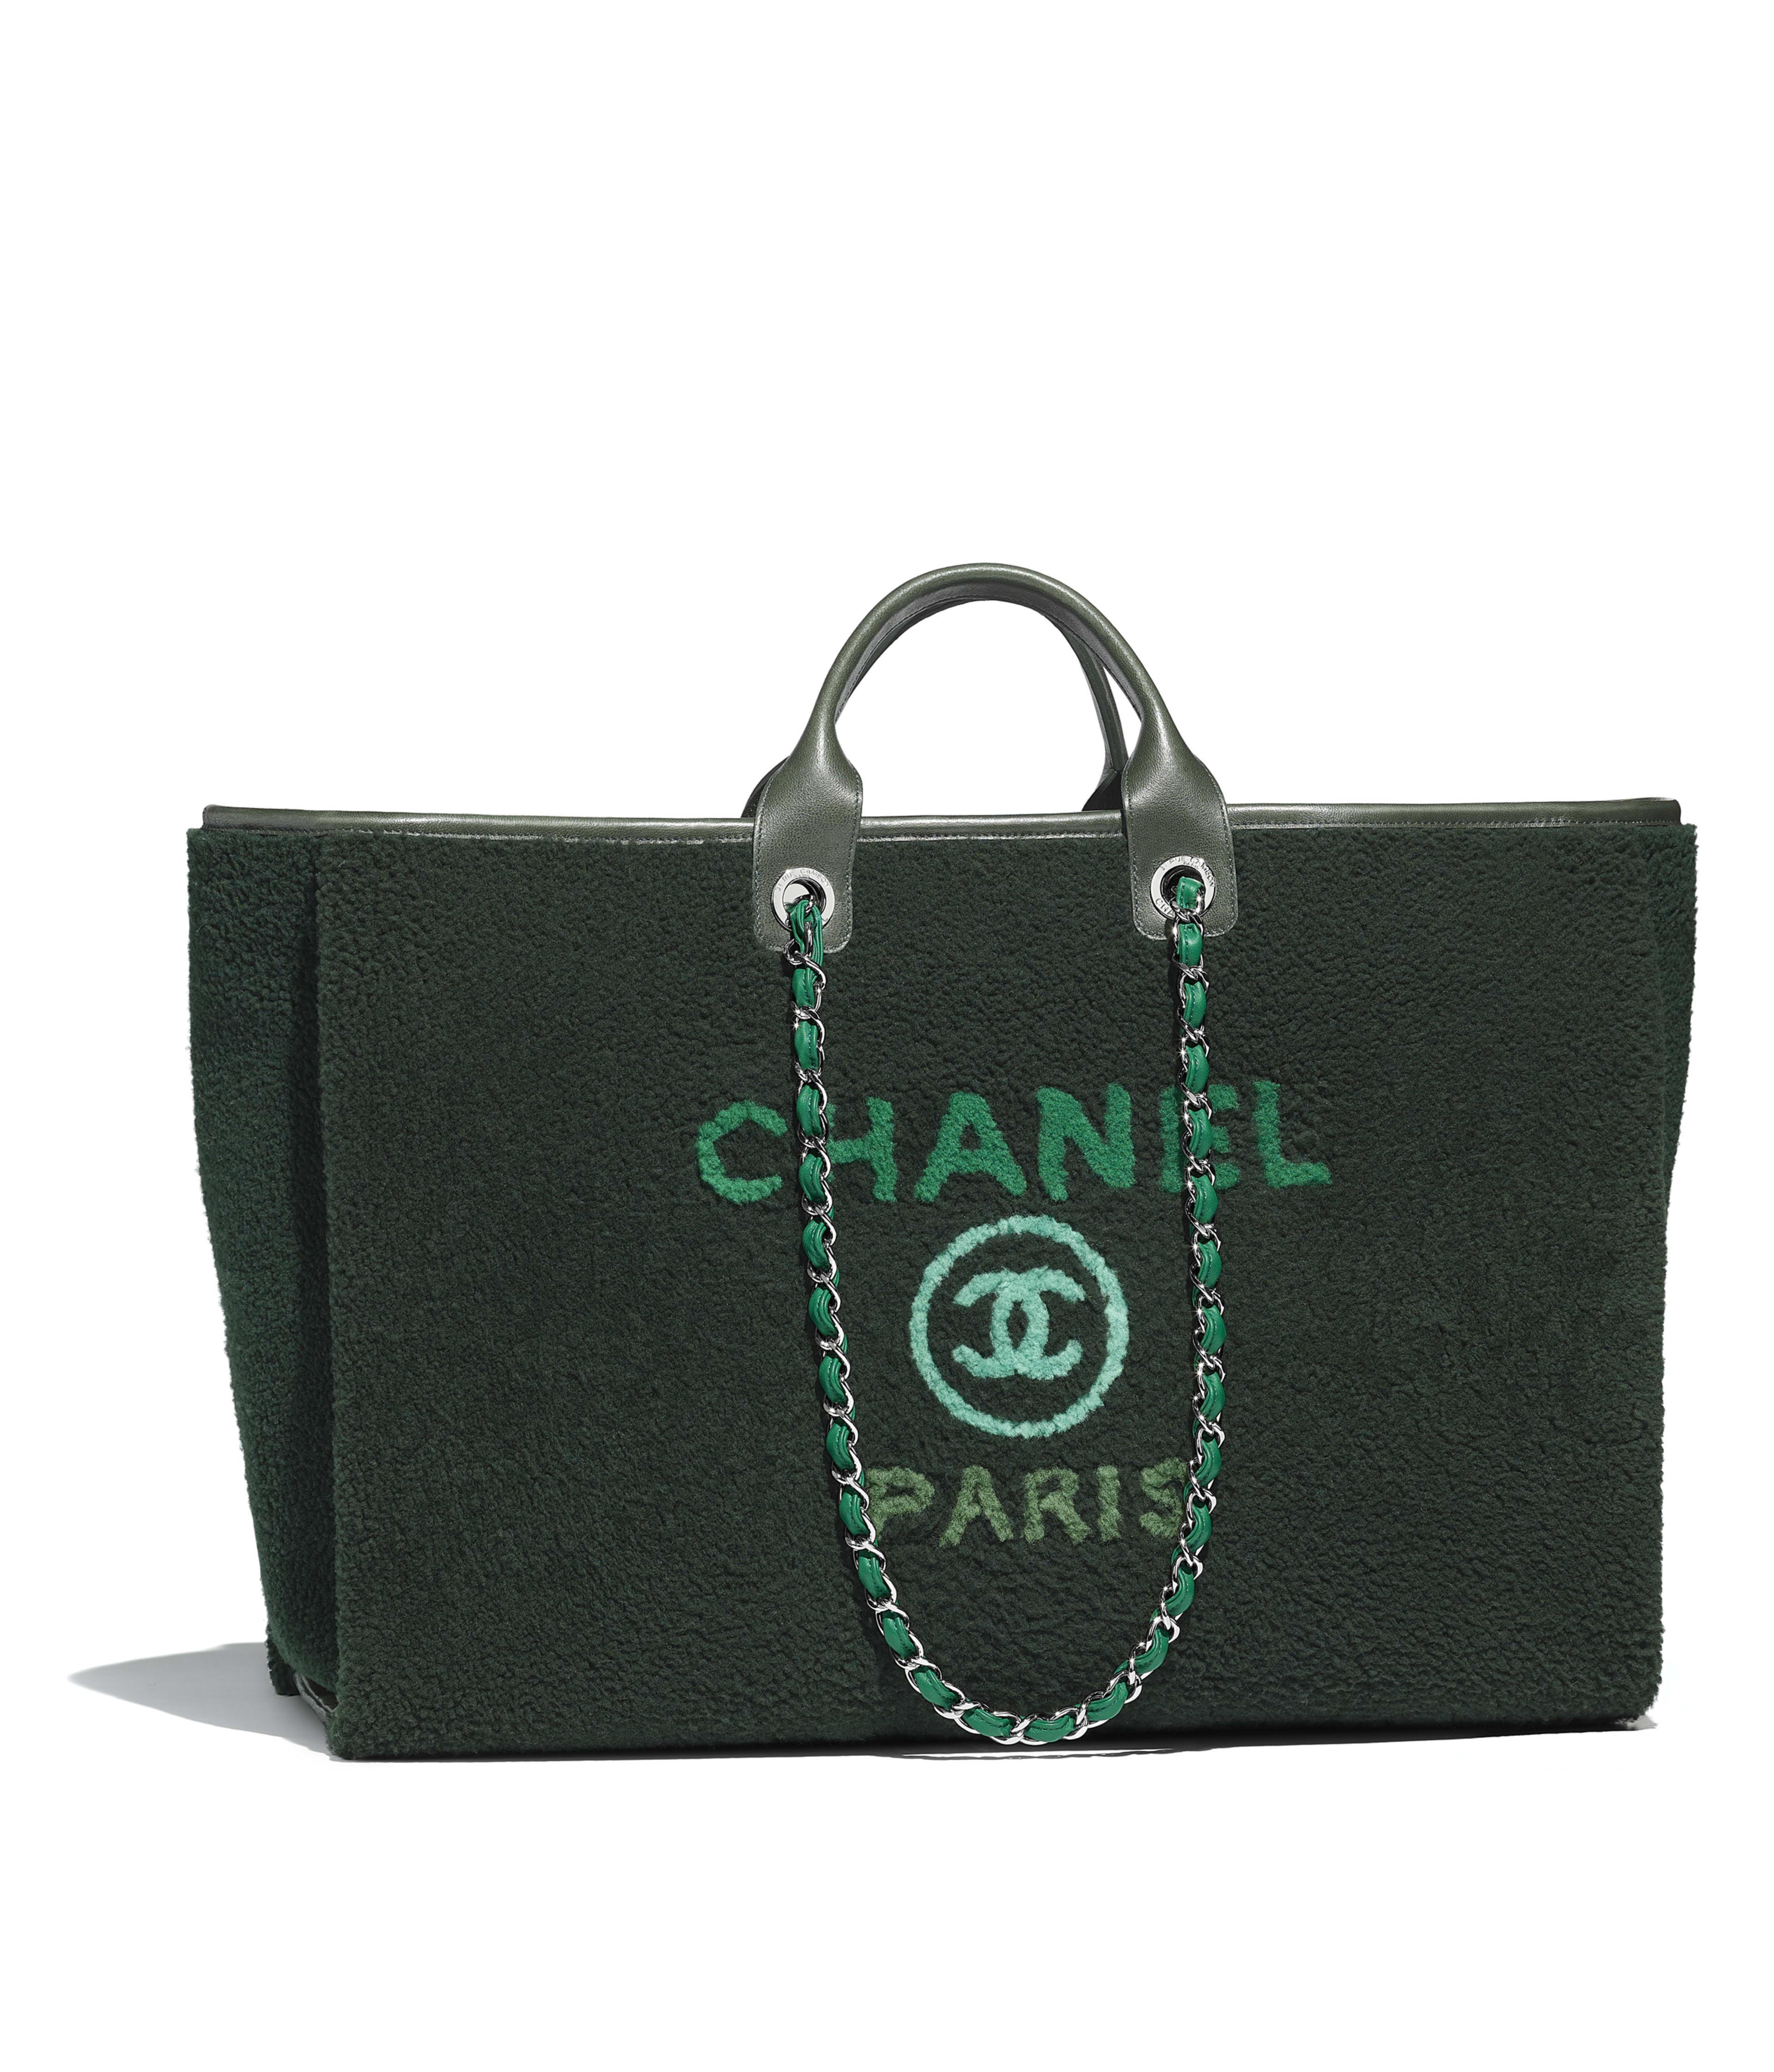 Maxi Ping Bag Shearling Lambskin Calfskin Silver Tone Metal Green Ref A66942y839815b572